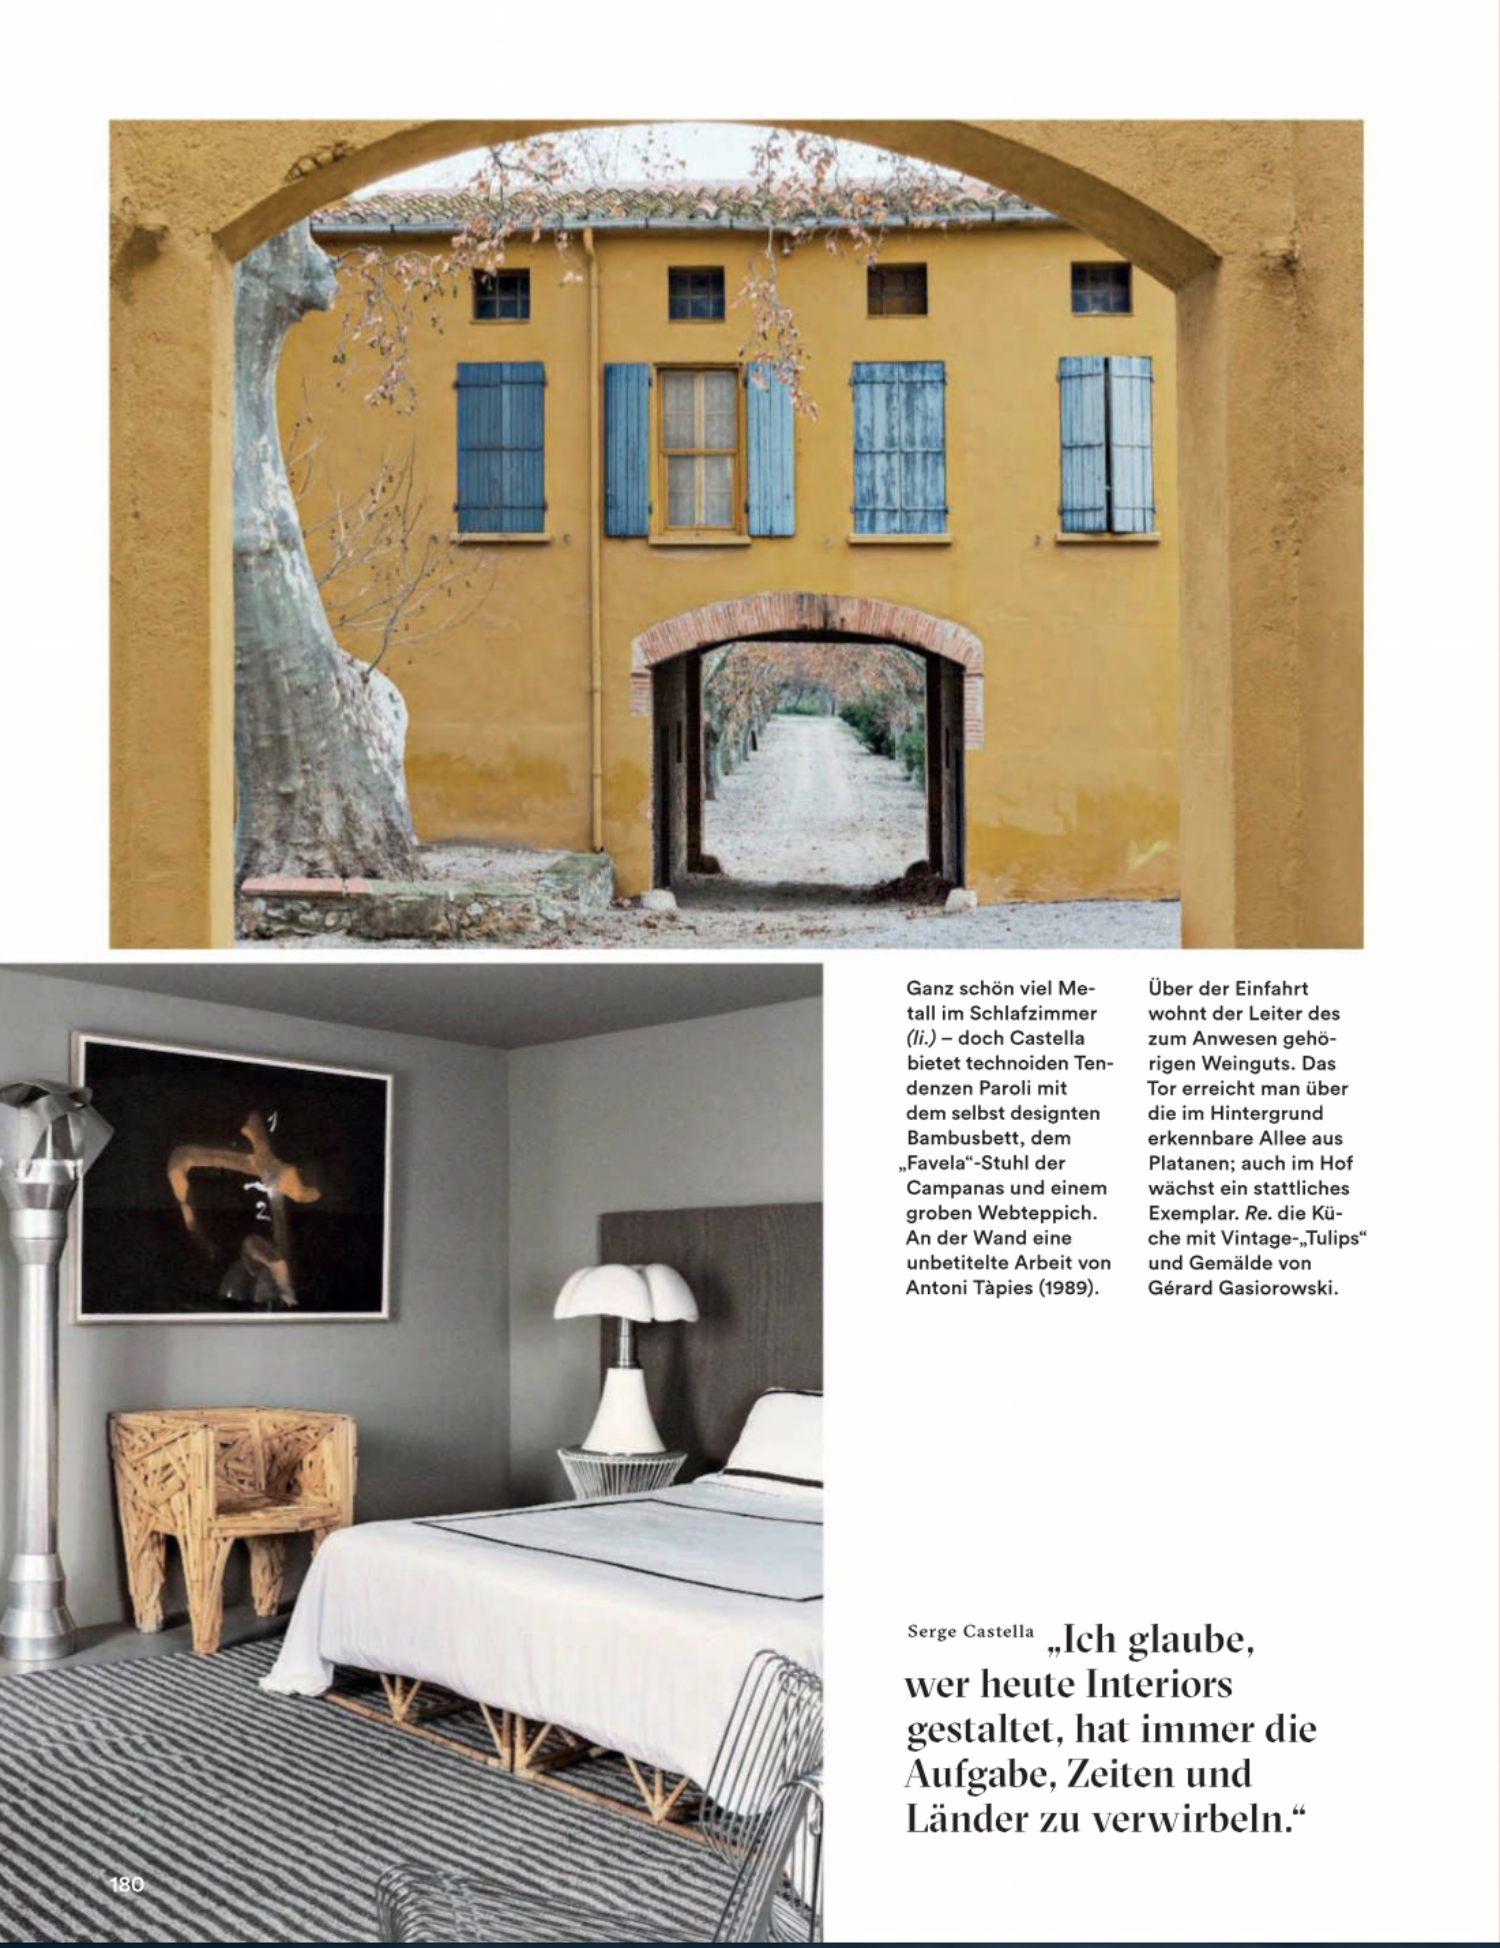 design stuhl schlafzimmer ikea schlafzimmer 2018 deko tumblr eingetrocknete blutflecken. Black Bedroom Furniture Sets. Home Design Ideas